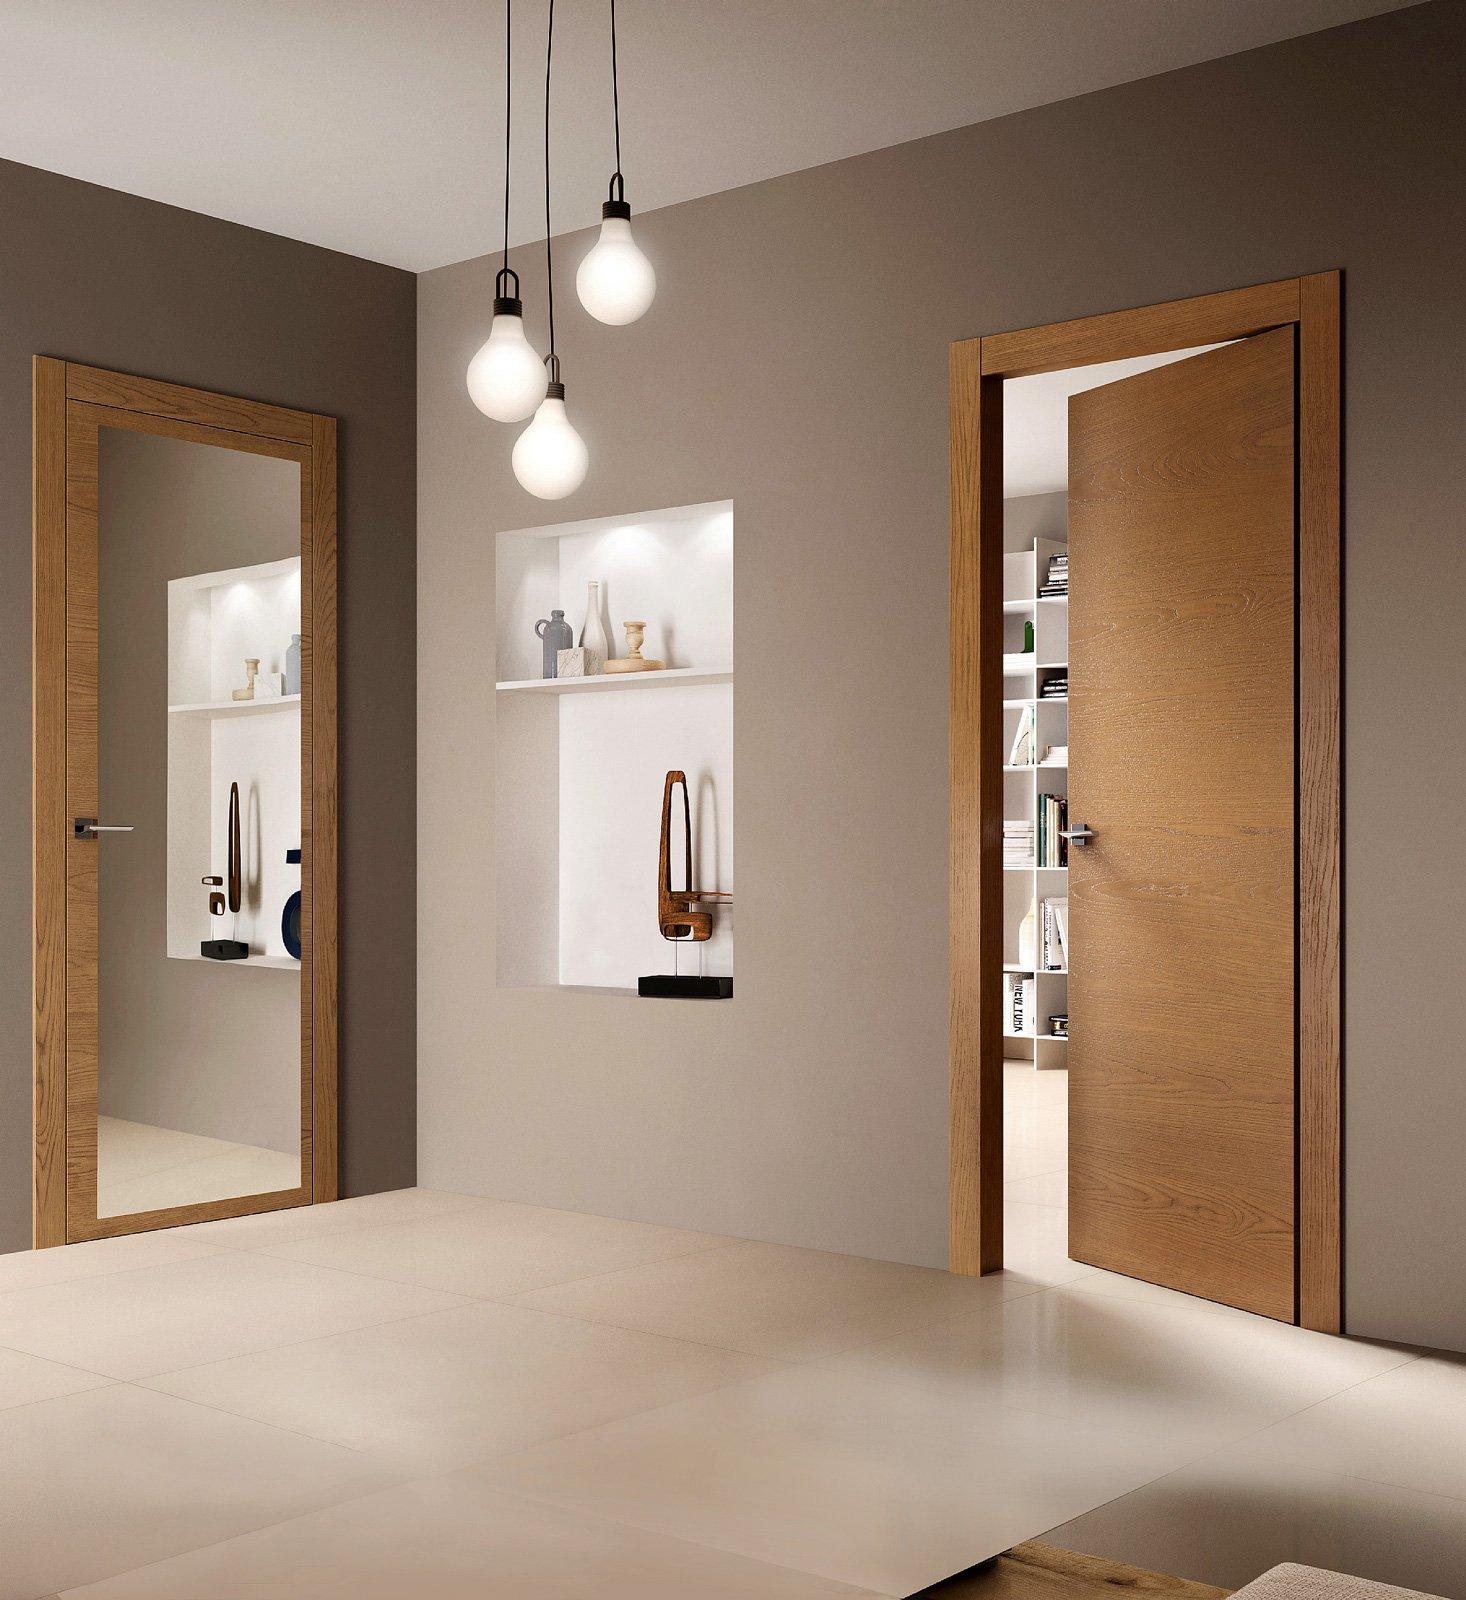 Arredare l 39 ingresso a seconda della forma cose di casa - Idee per ingressi casa ...